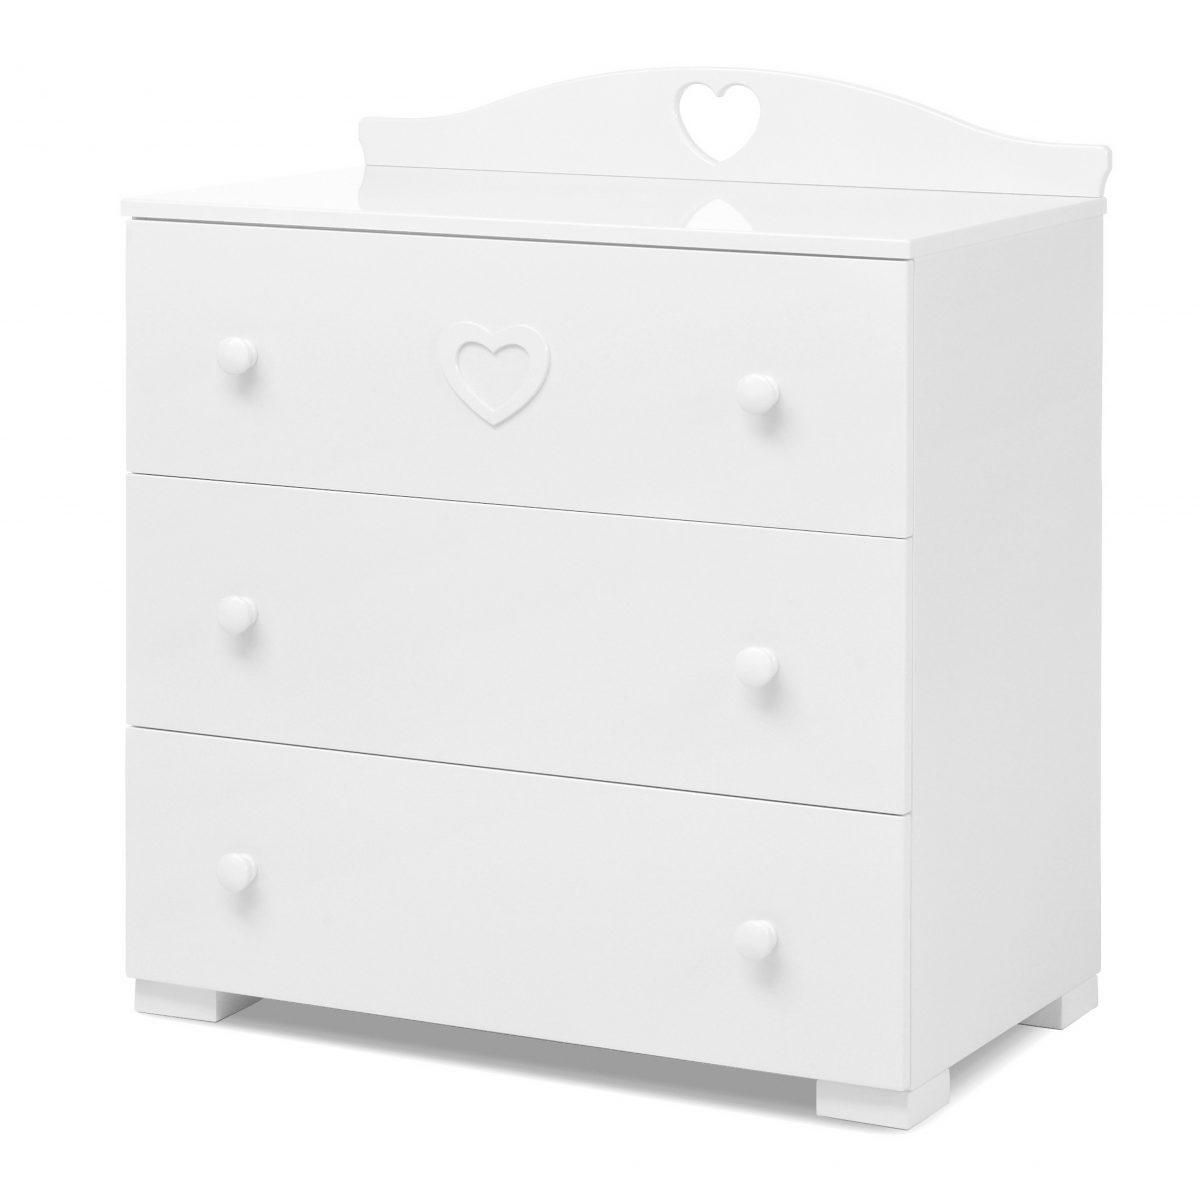 luxusní dětský nábytek - designová komoda Dolce